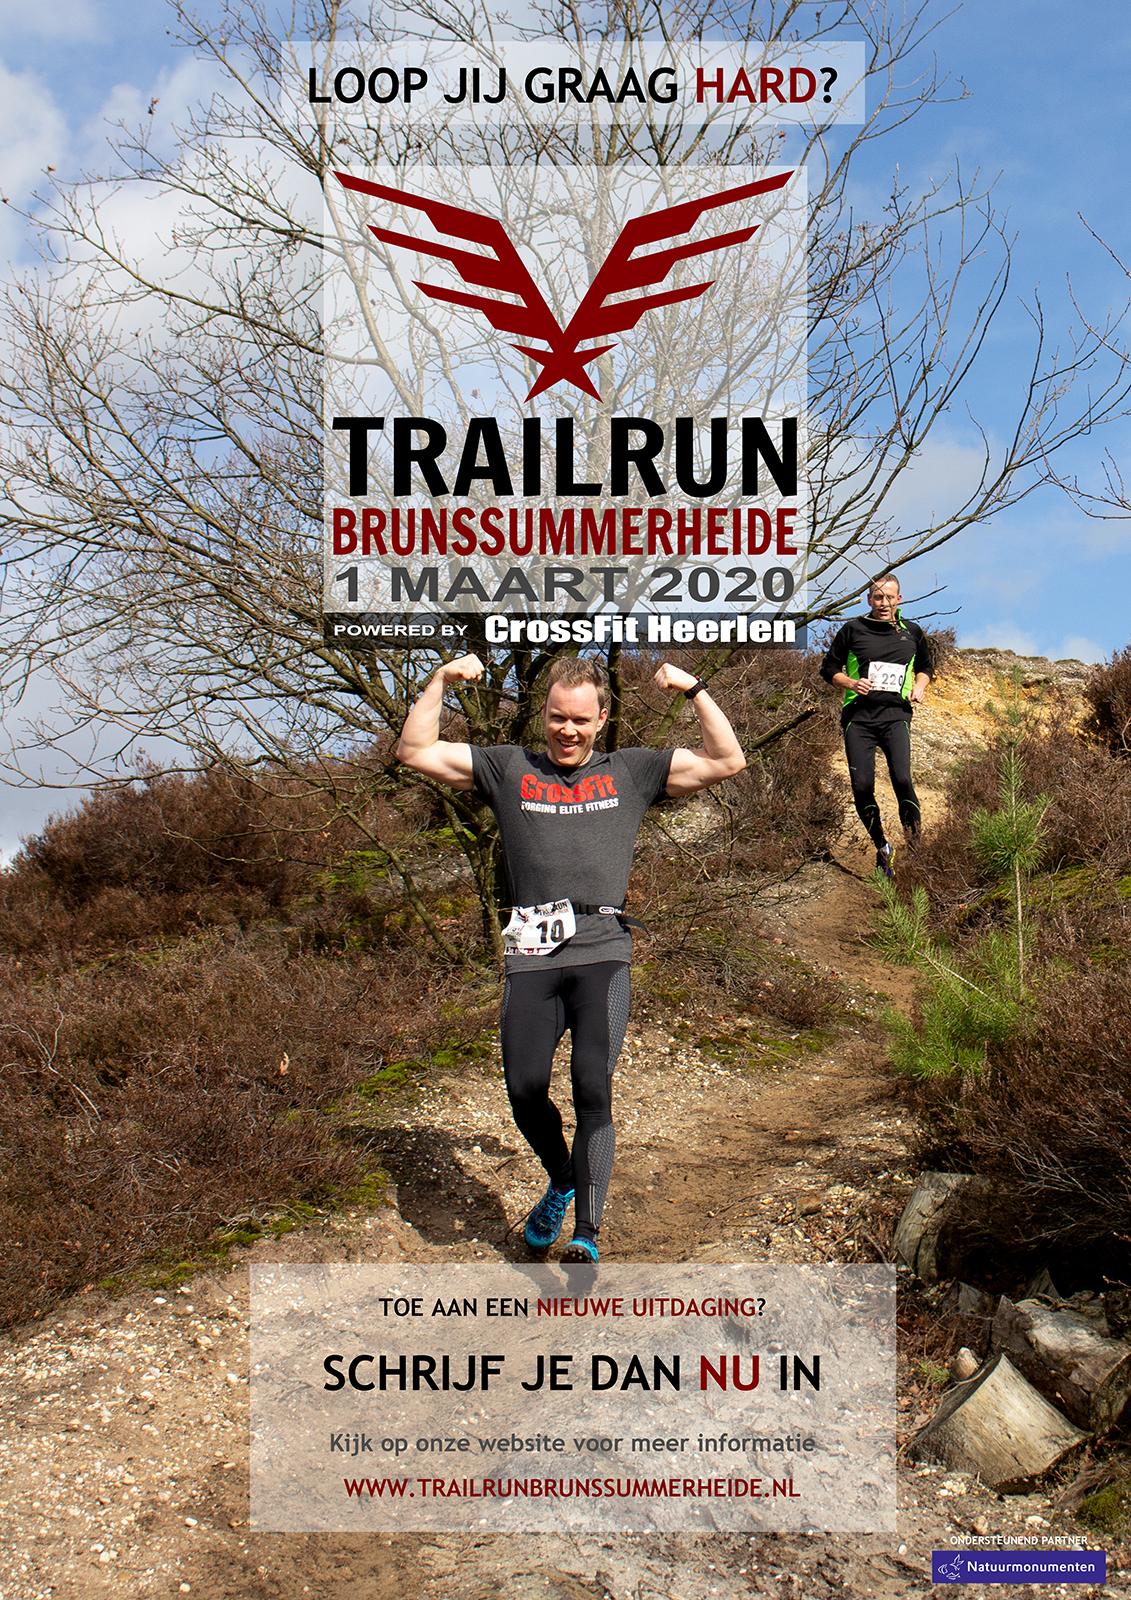 trailrun-brunssummerheide-2020-a3-promotieposter